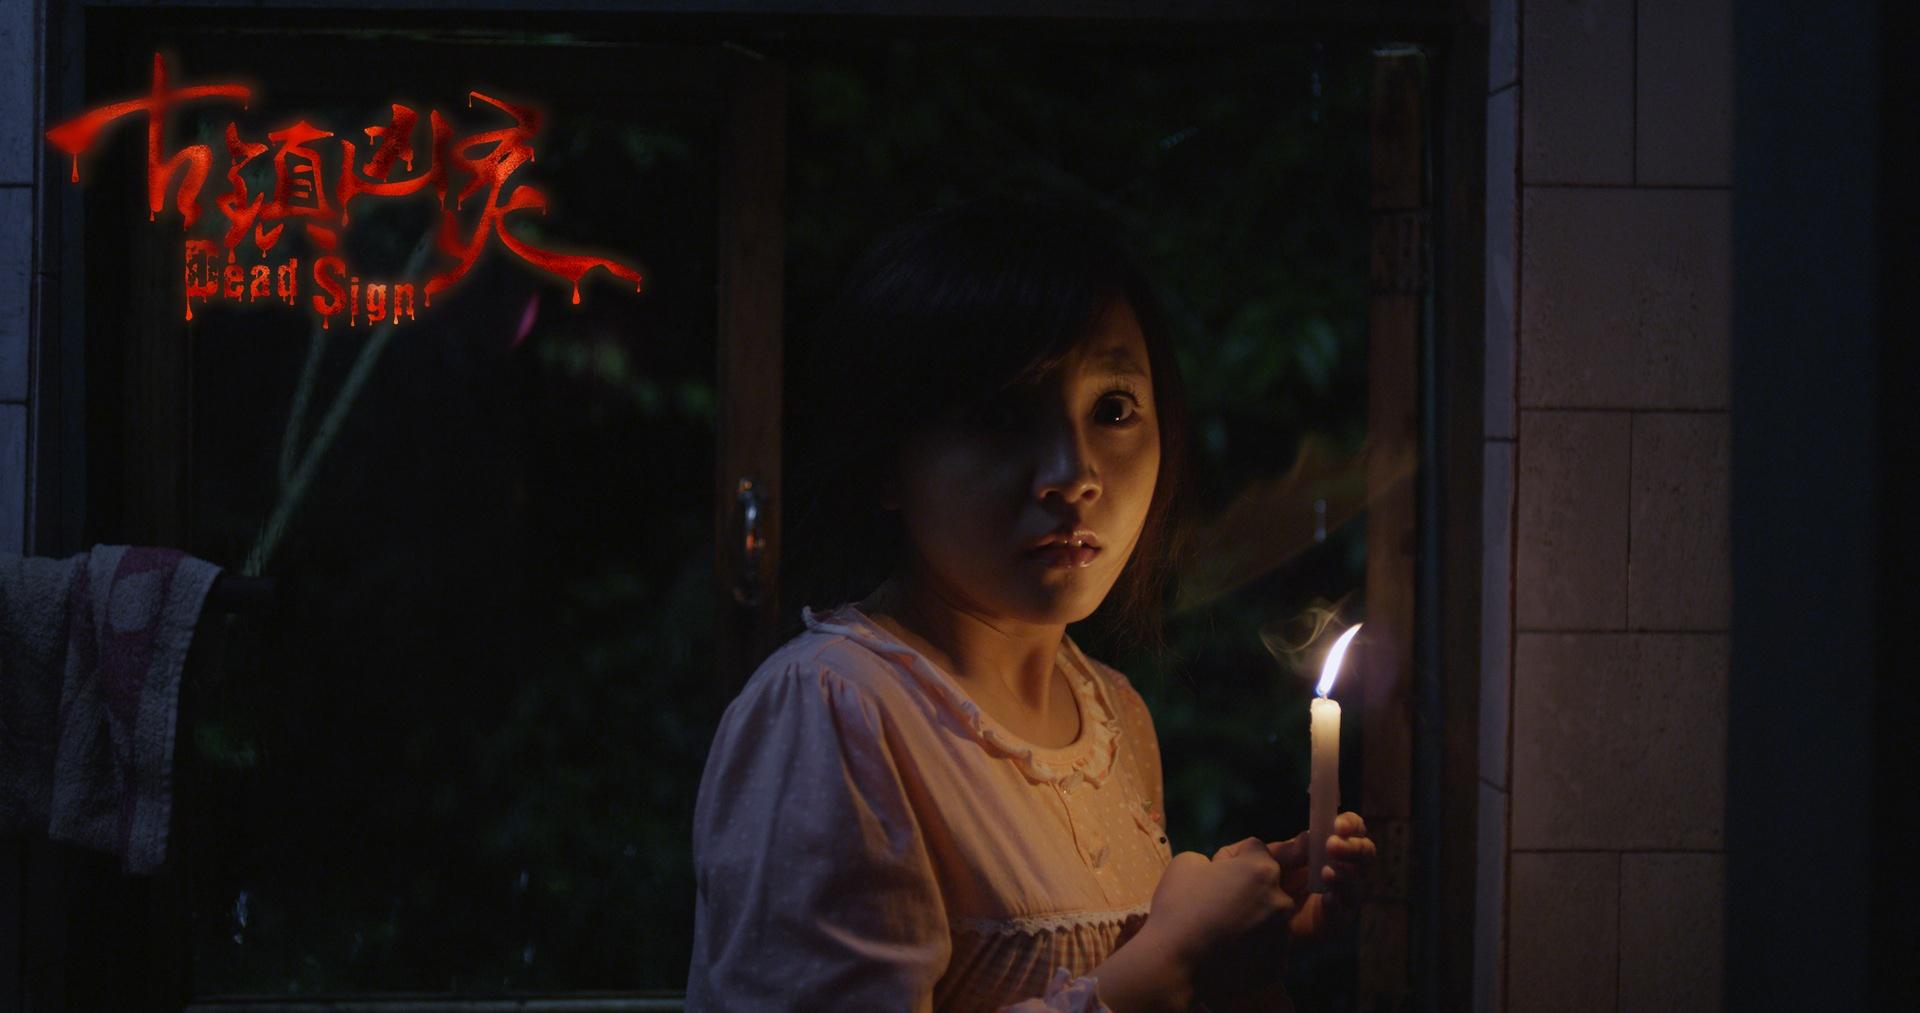 古镇凶灵之巫咒缠身_电影剧照_图集_电影网_1905.com